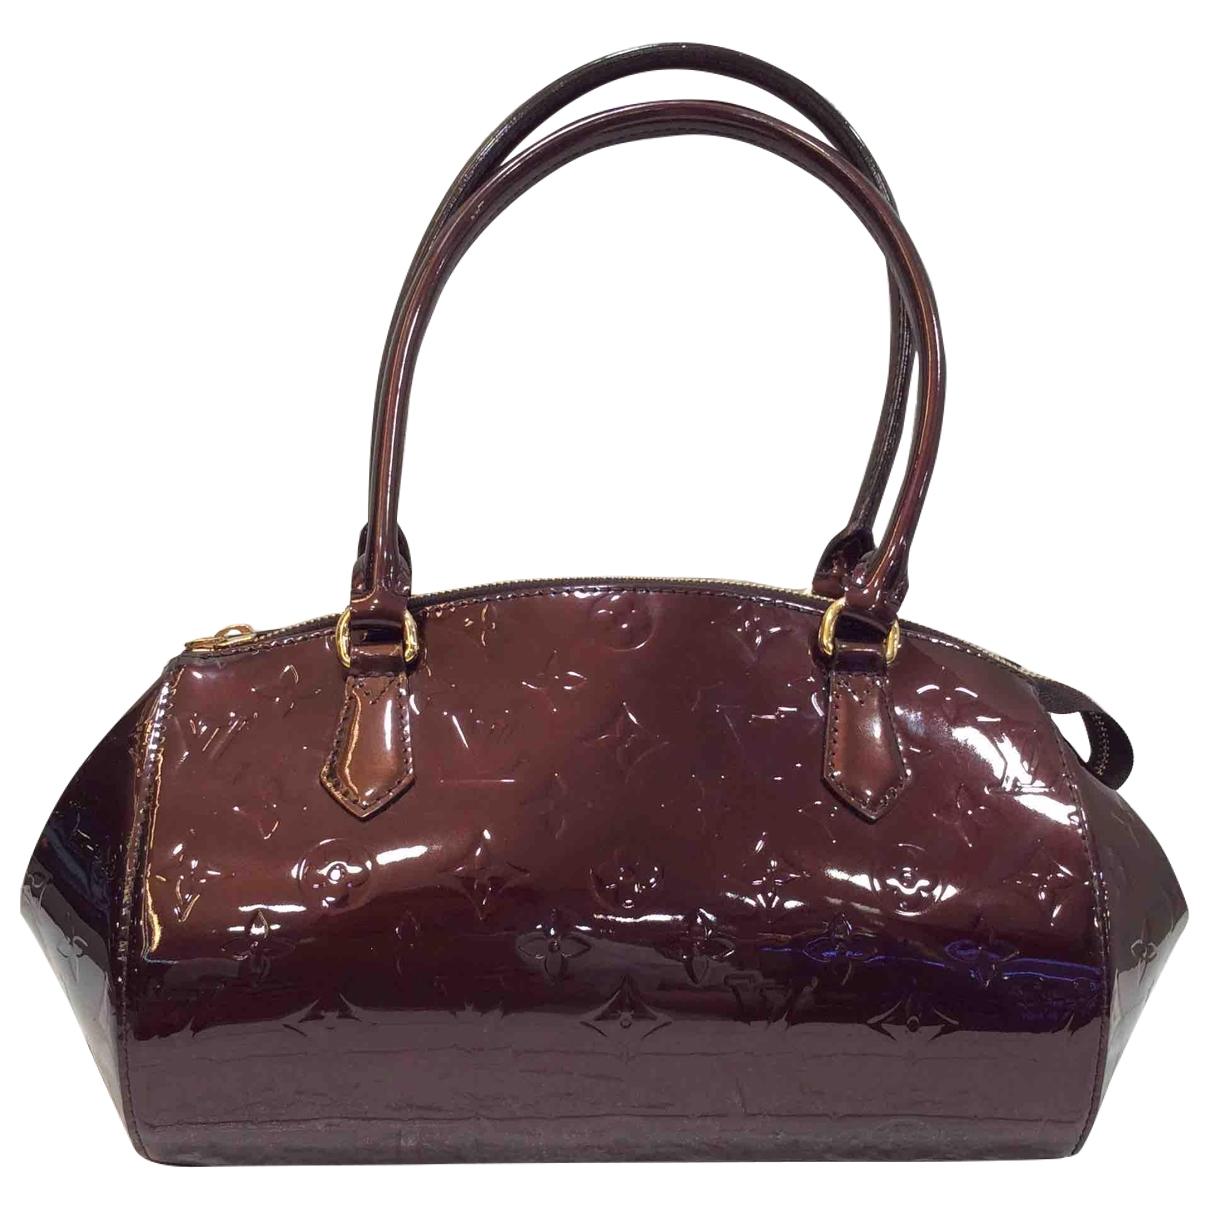 Louis Vuitton - Sac a main   pour femme en cuir verni - bordeaux